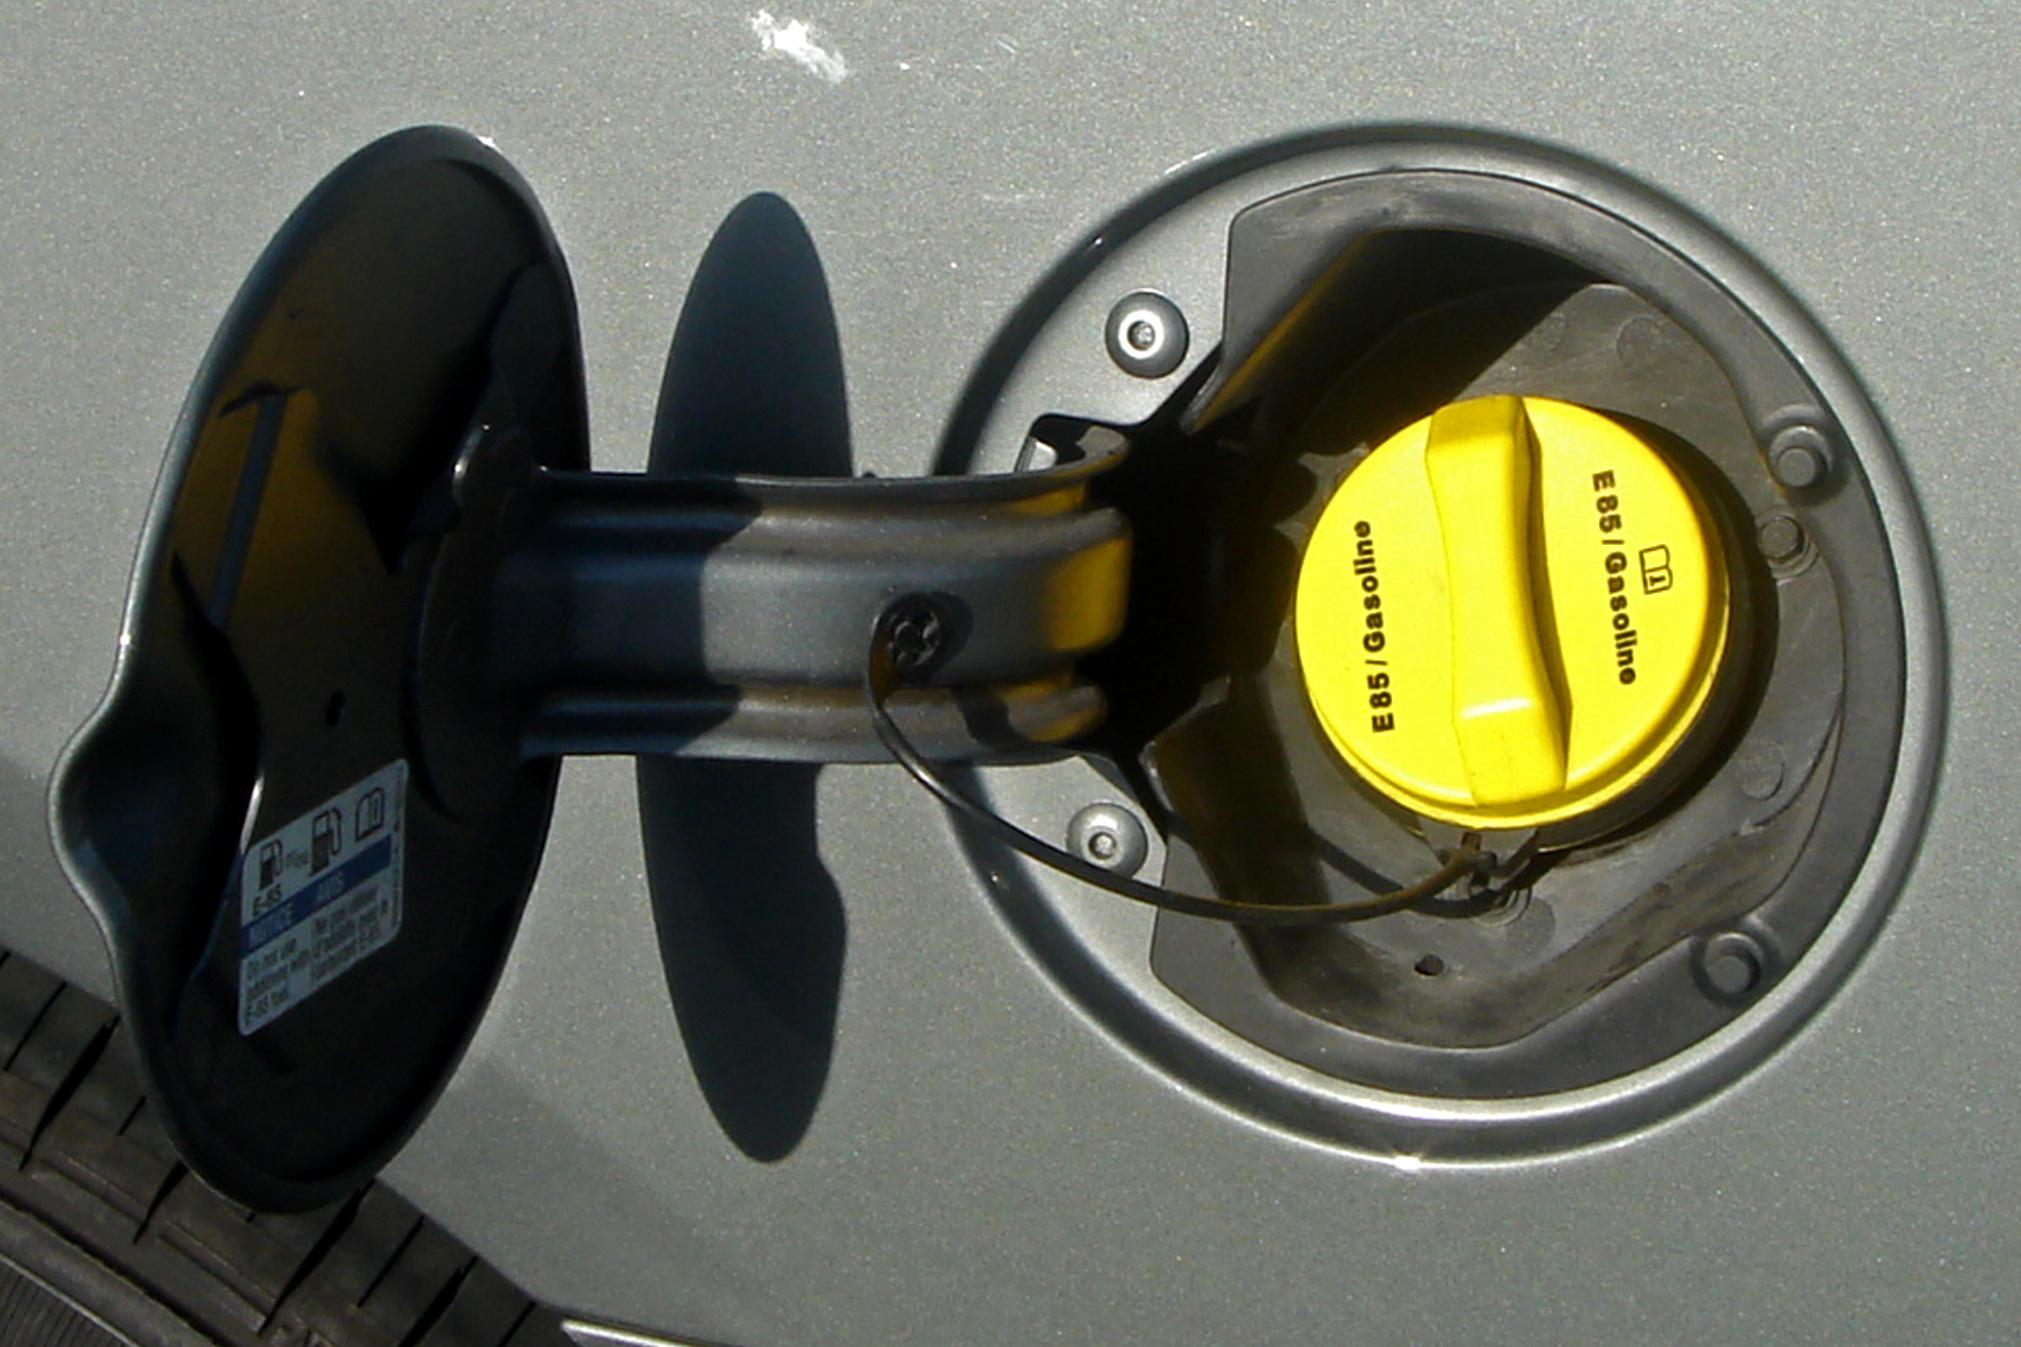 2. Pop - Pop your gas tank and lock your doors